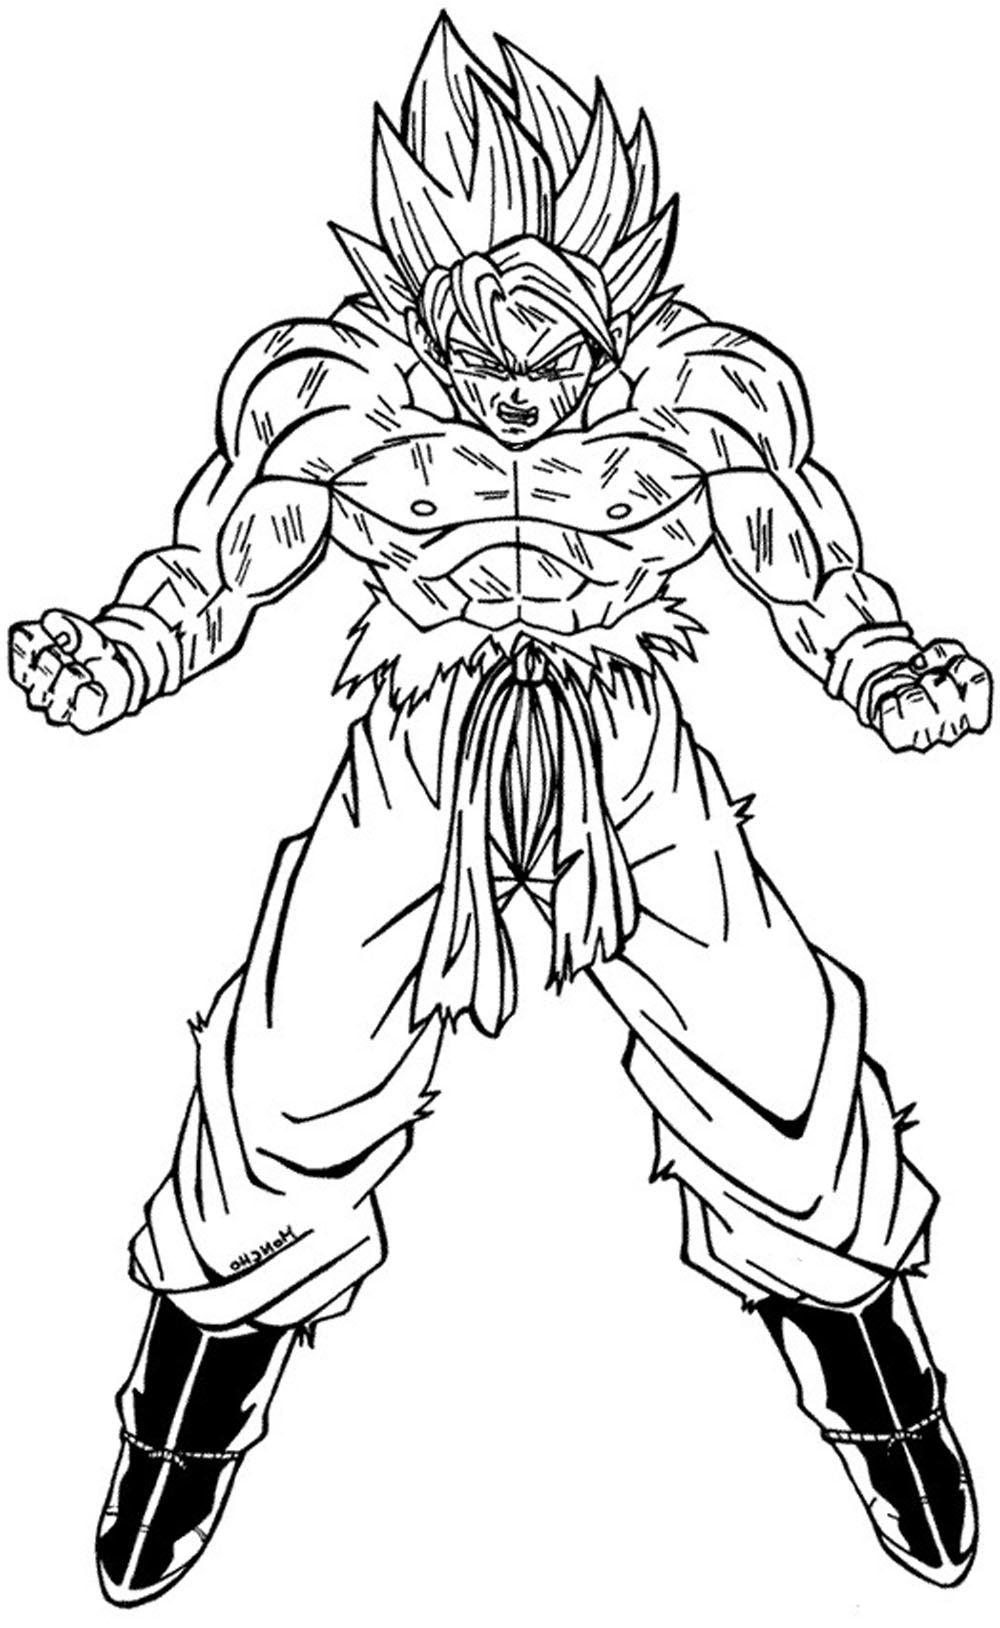 magen de Goku para colorear e imprimir | Imagen para colorear